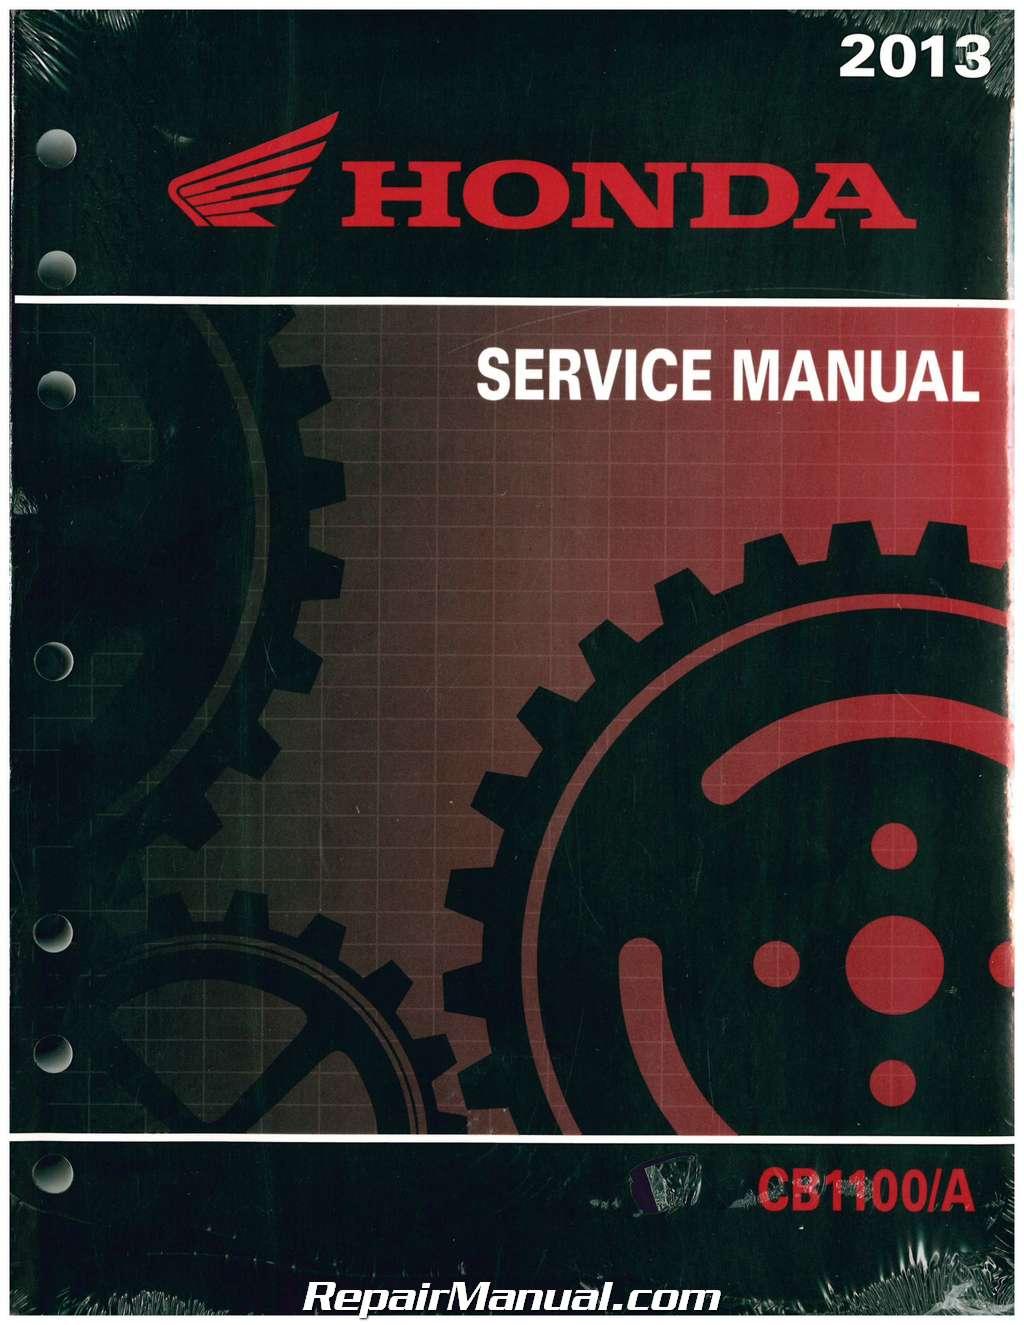 2013 honda cb1100 a service manual rh repairmanual com 2013 honda cb1100 shop manual 2012 Honda CB1100